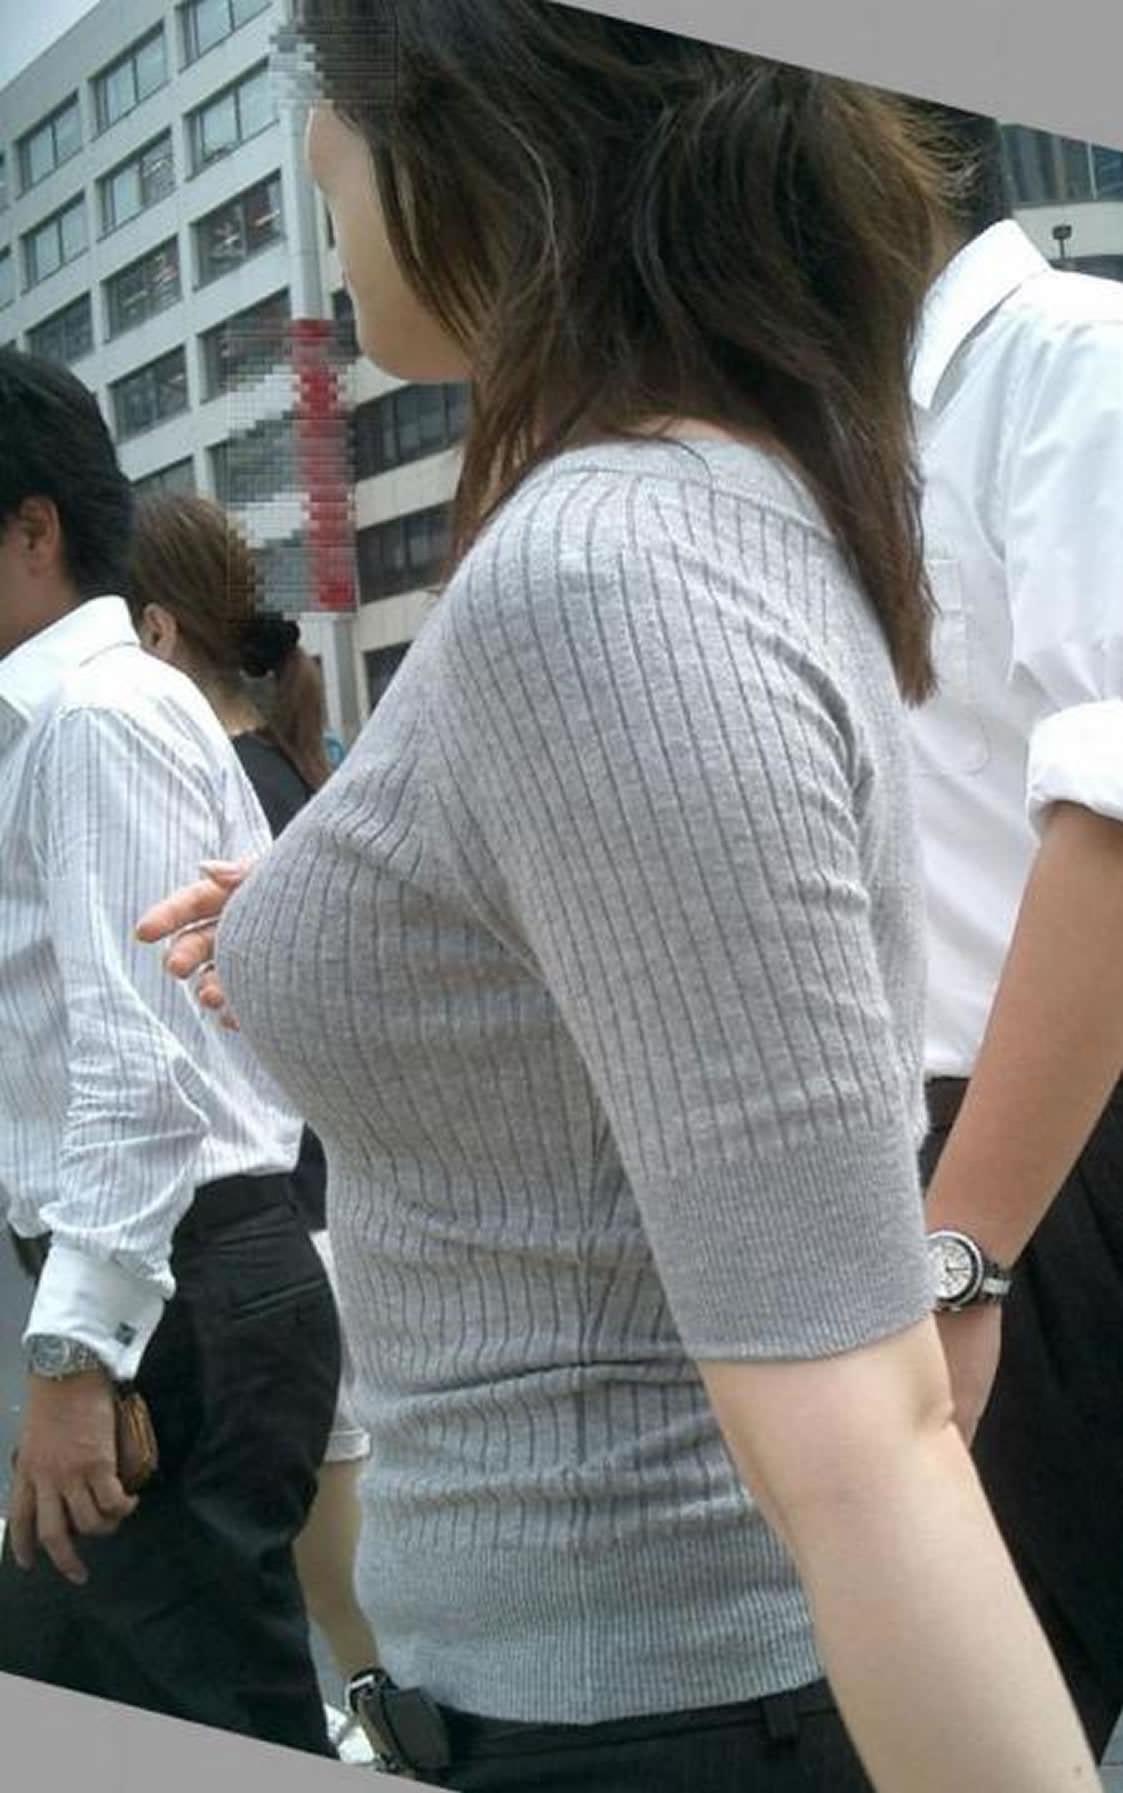 服がはち切れそうなおっぱいの巨乳素人お姉さんを街撮りだぁーwww 2823